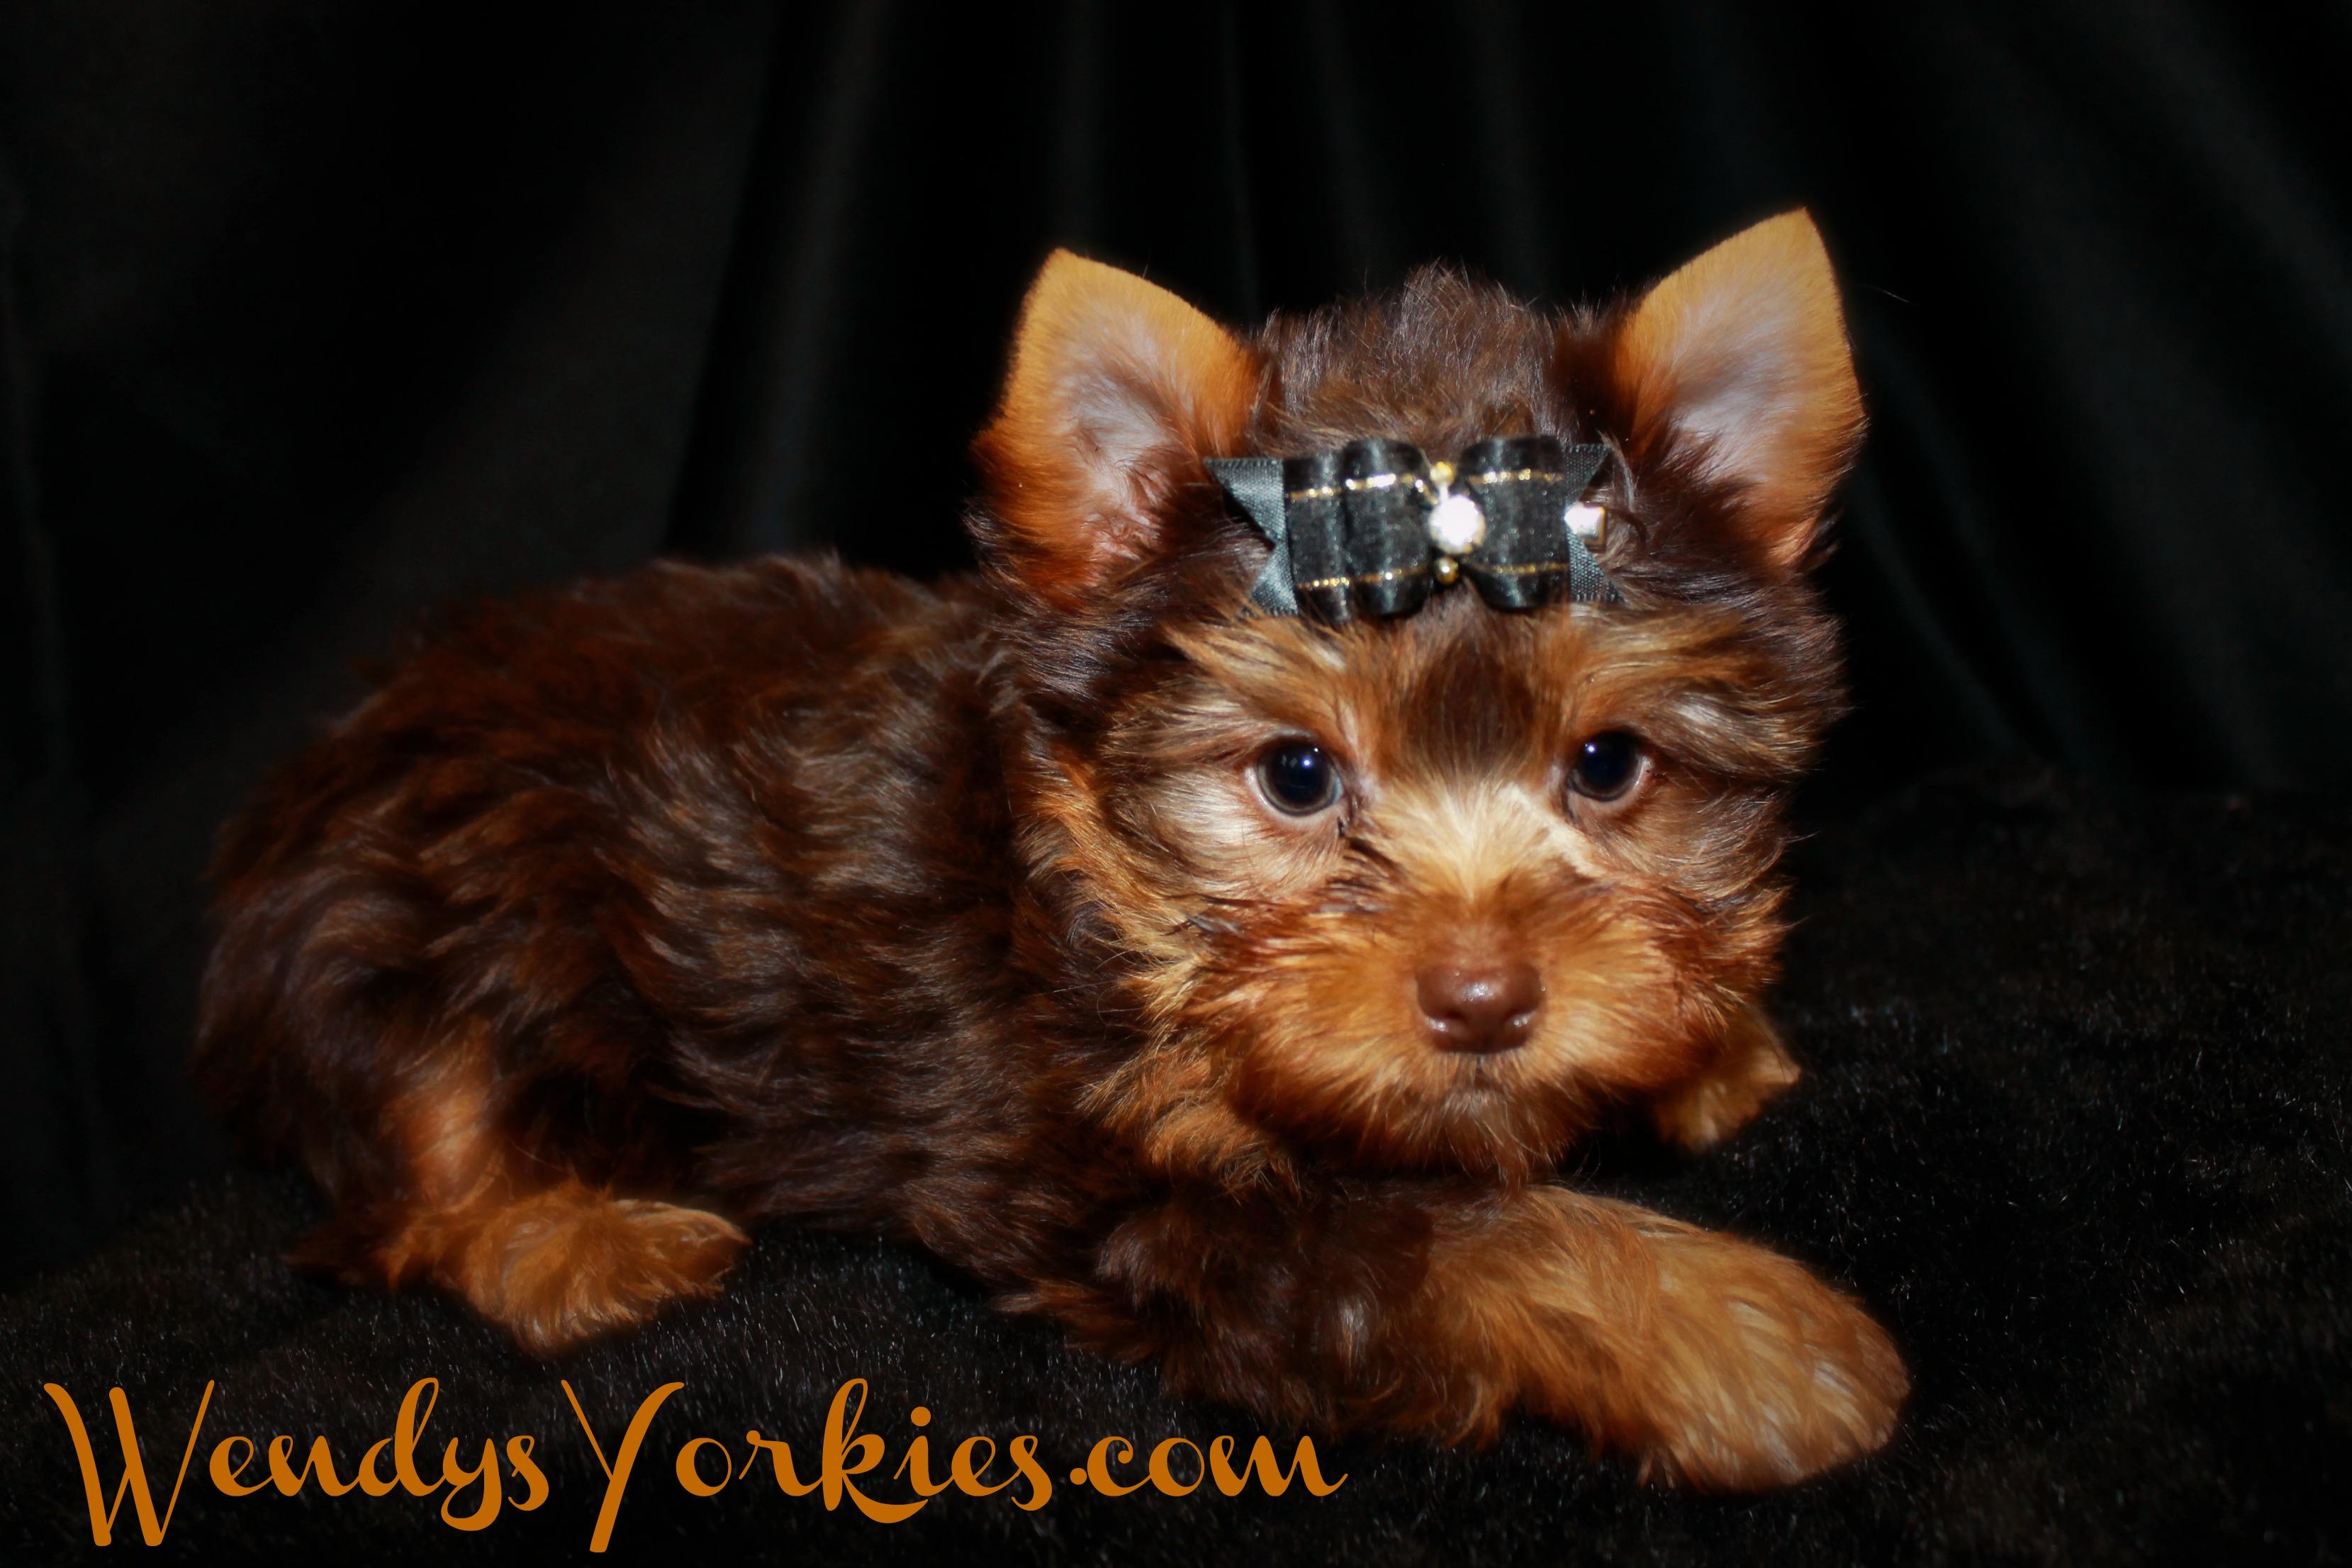 Chocolate Yorkie puppy for sale, WendysYorkies.com, Skeeter m1